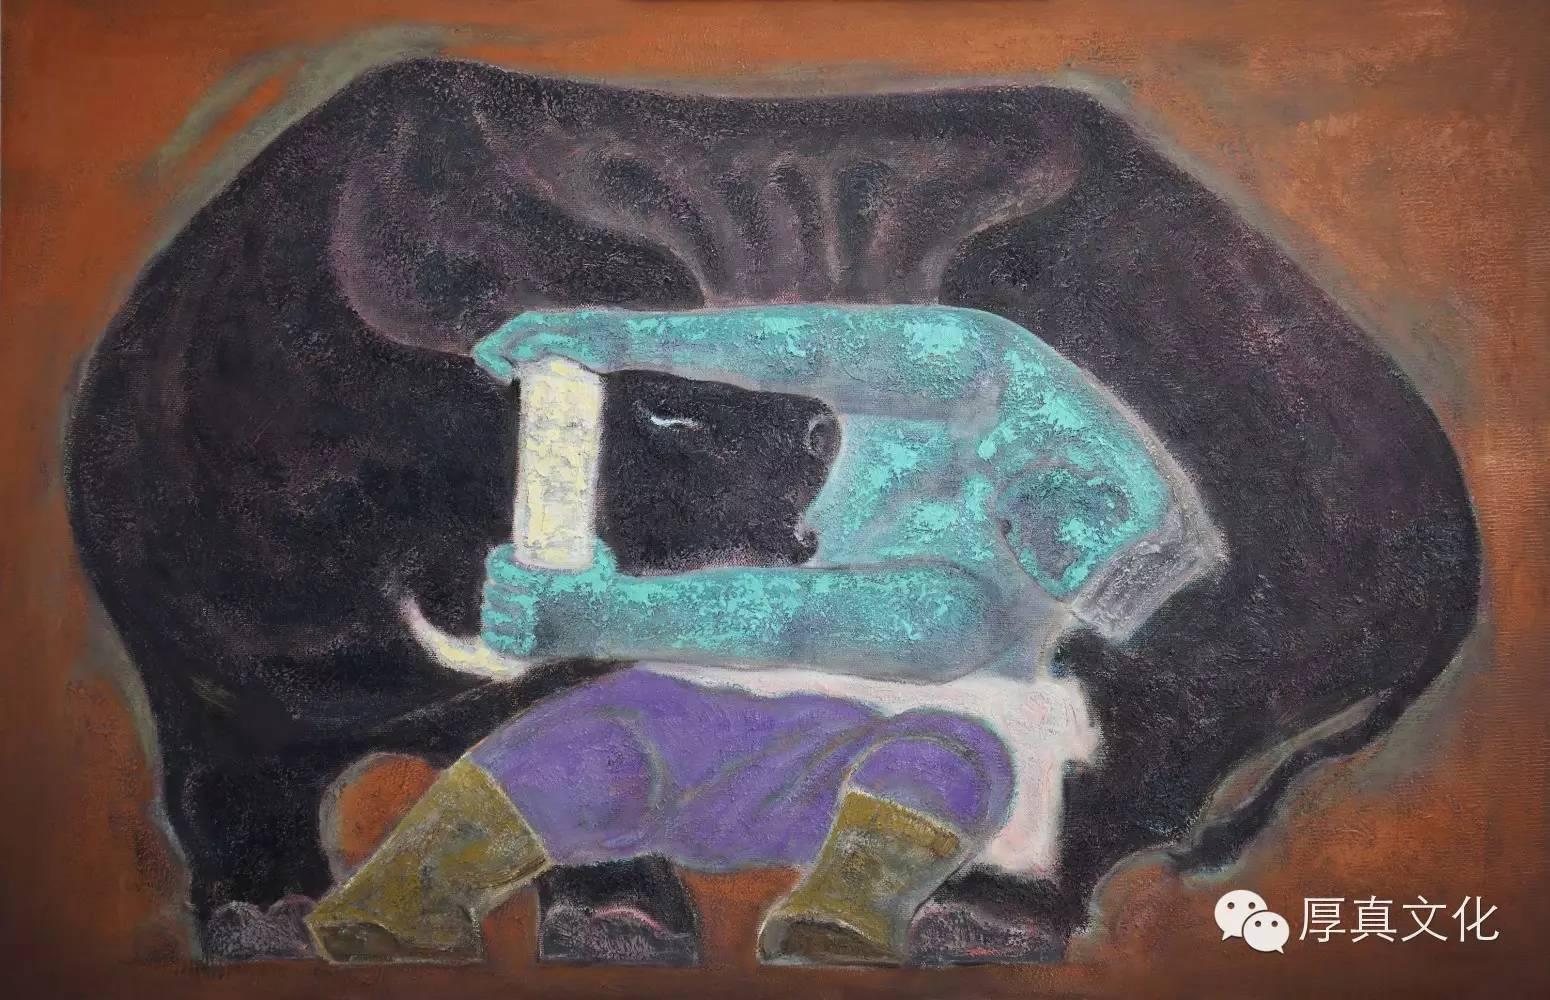 【蒙古人】画家——格日乐图 第6张 【蒙古人】画家——格日乐图 蒙古画廊